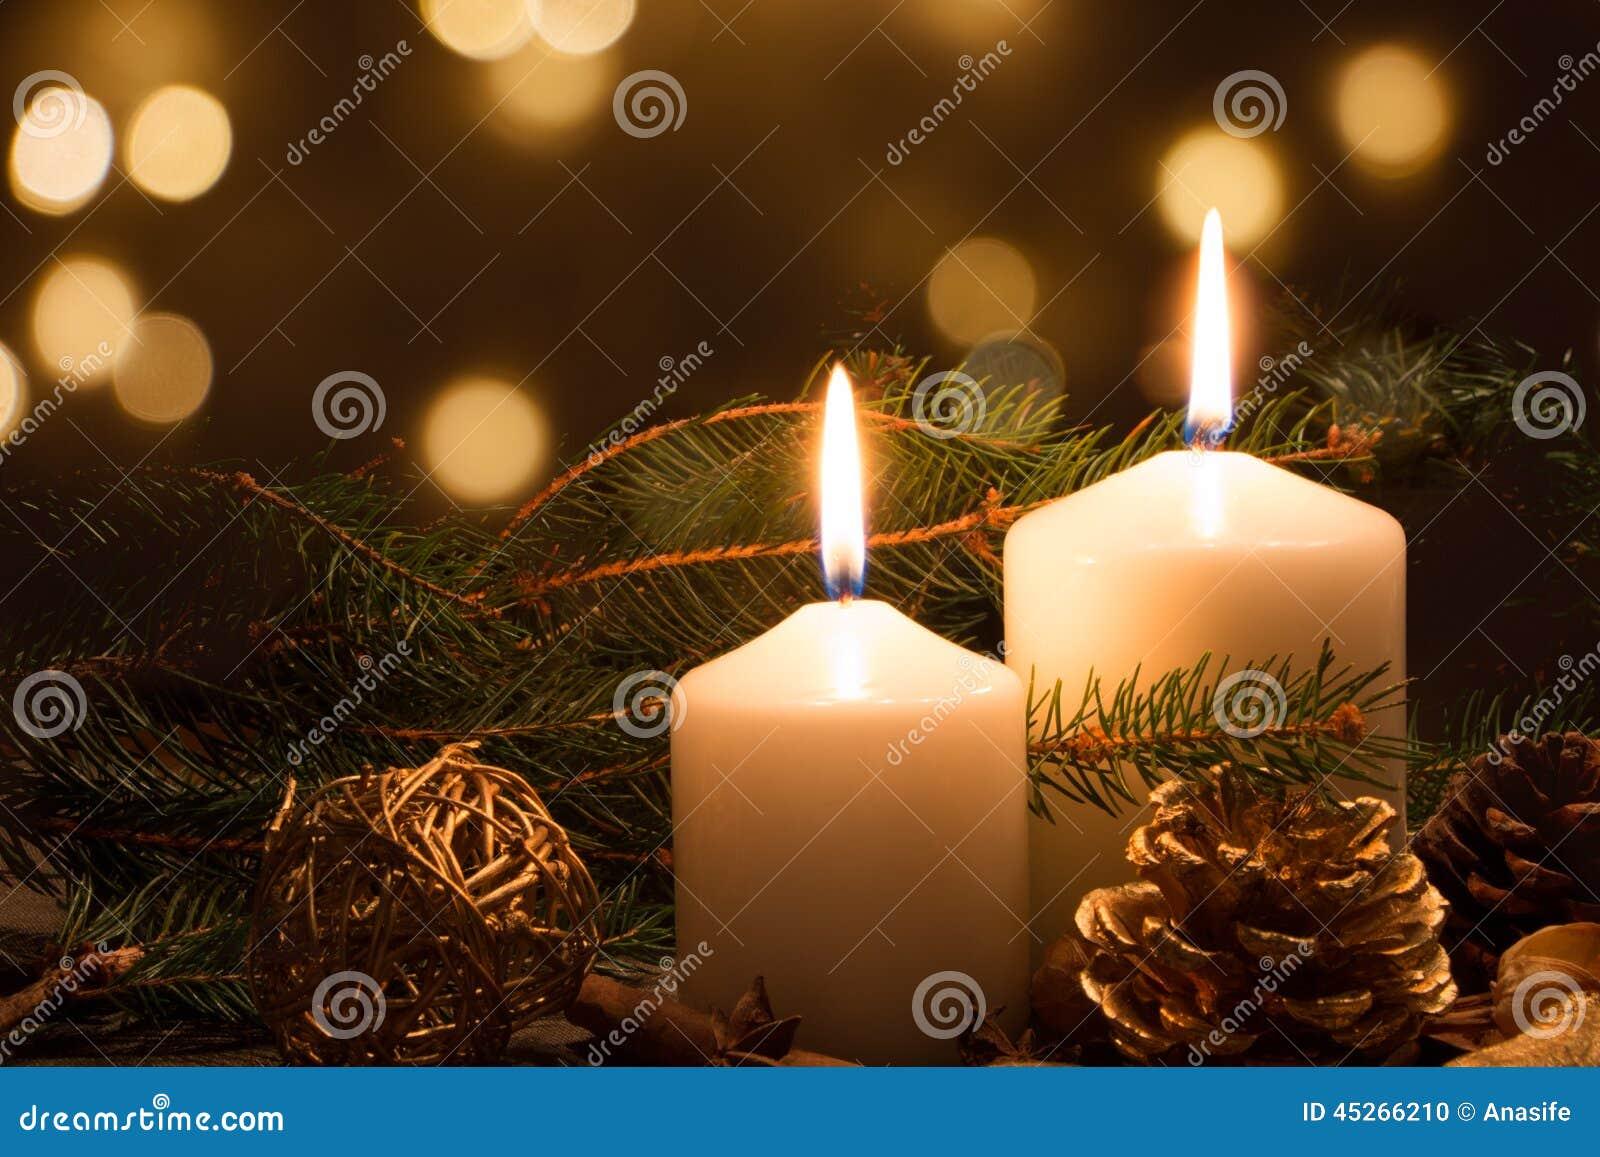 Weihnachtskerzen und -leuchten